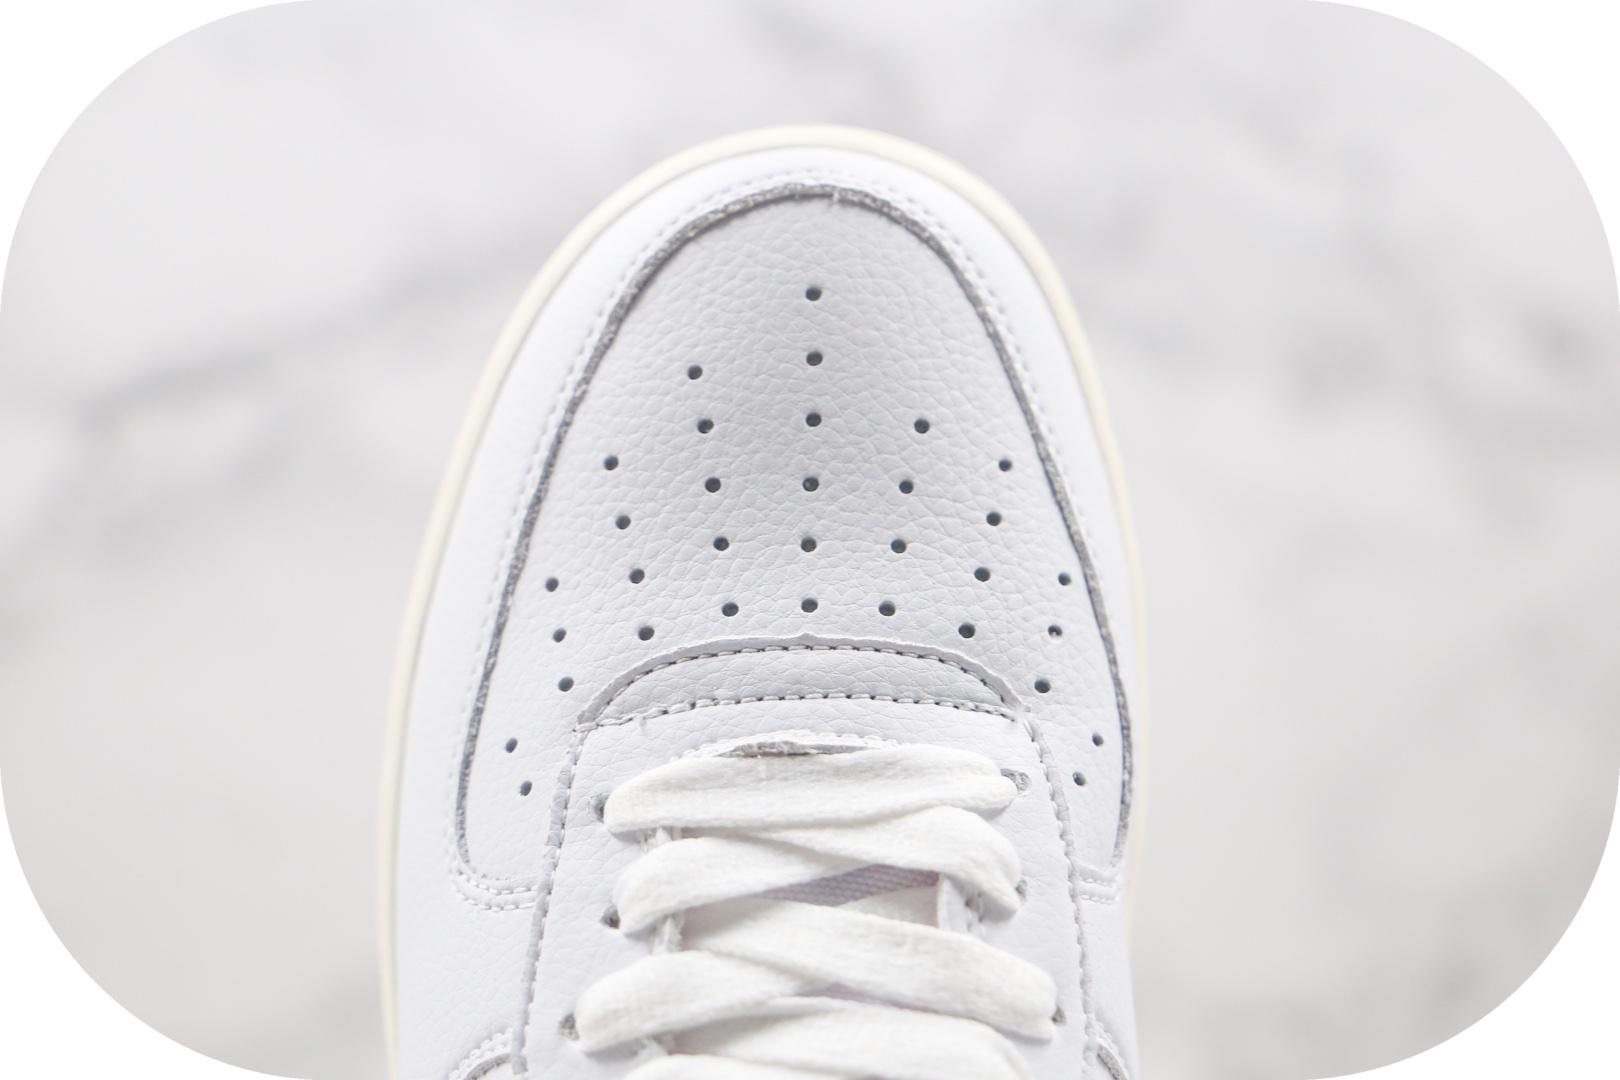 耐克Nike Air Force1 LOW纯原版本低帮空军一号爱心板鞋原盒原标内置气垫 货号:DD7117-100